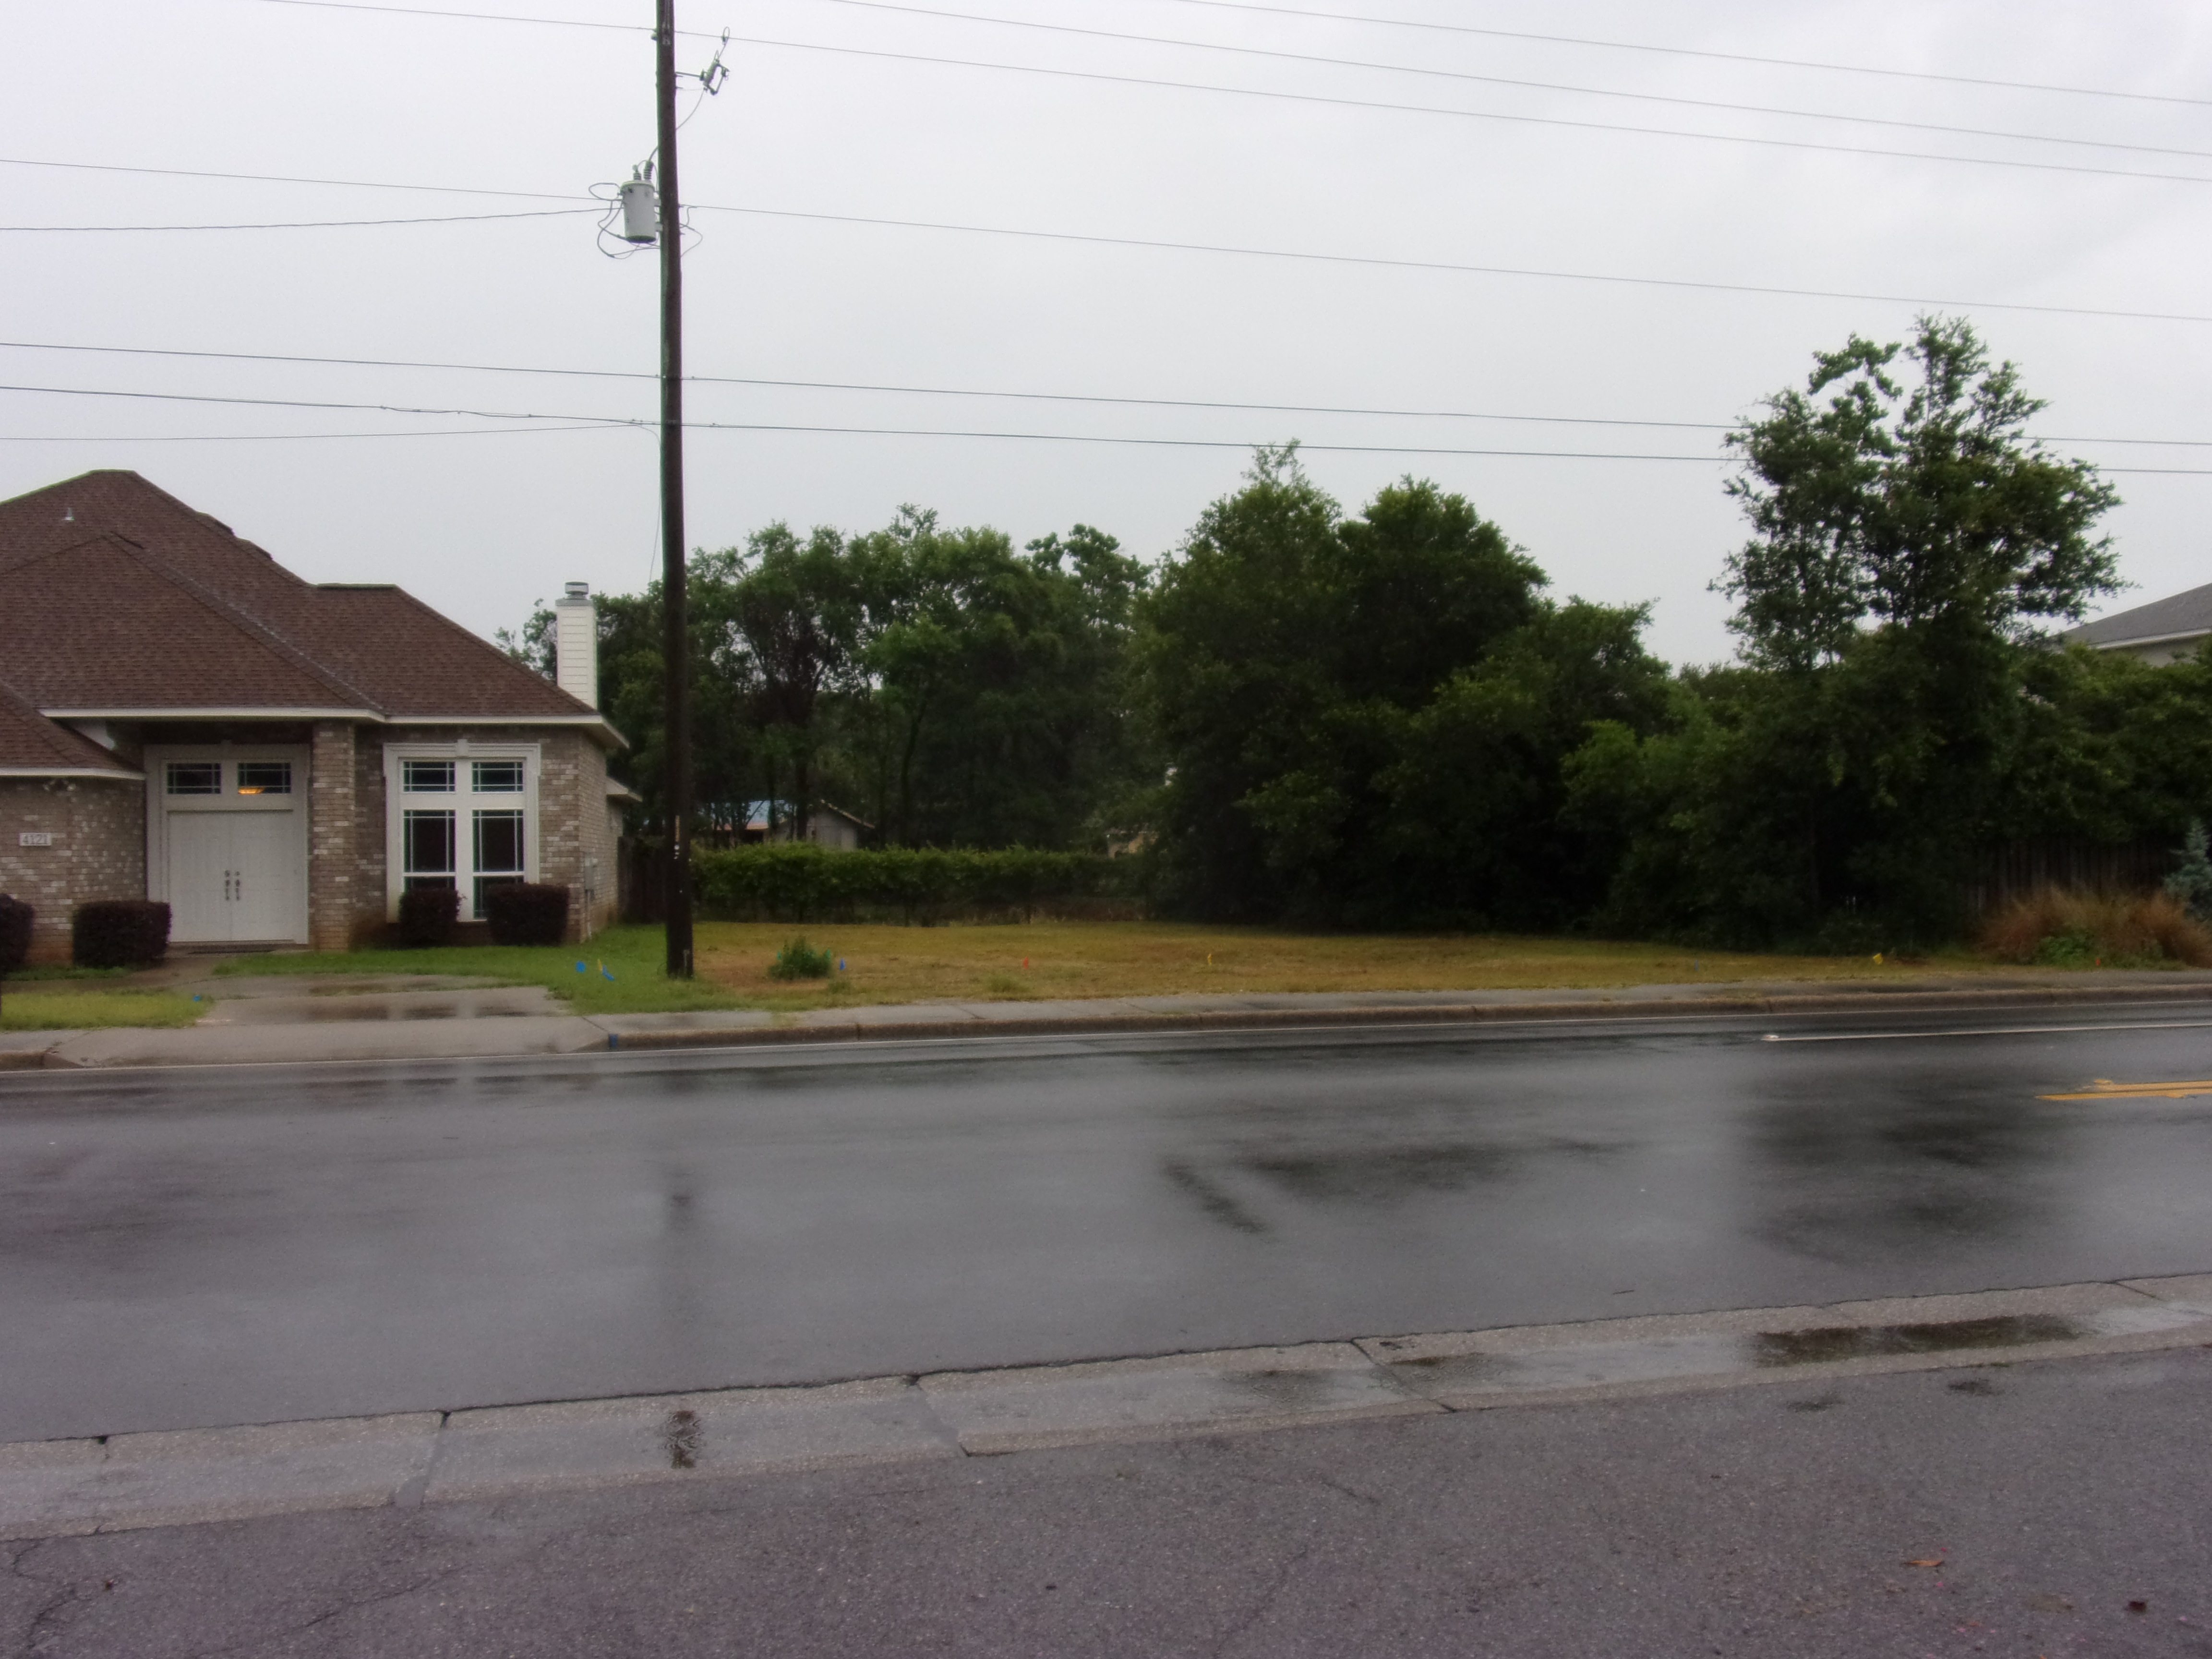 Residential lot in NE Pensacola 58 x 76